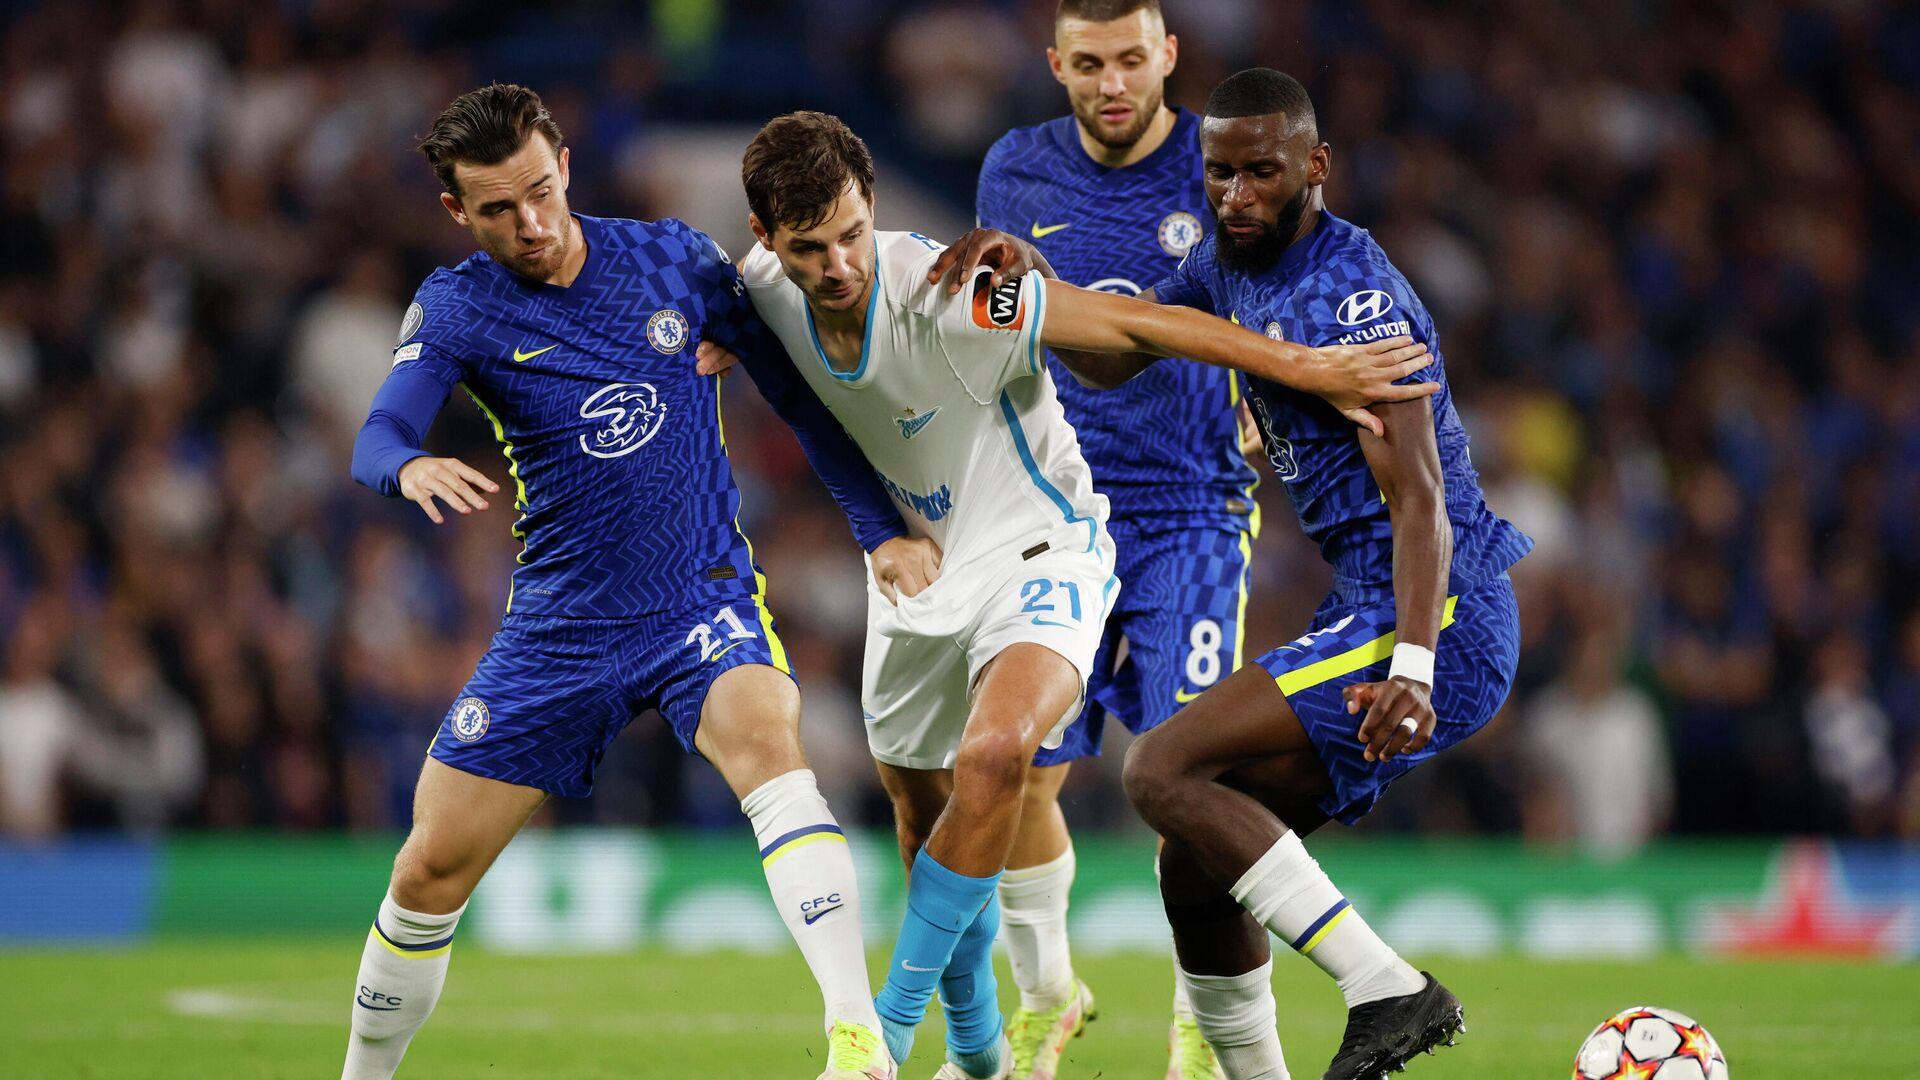 """Английские СМИ уличили """"Зенит"""" в слишком осторожной игре в матче против """"Челси"""""""